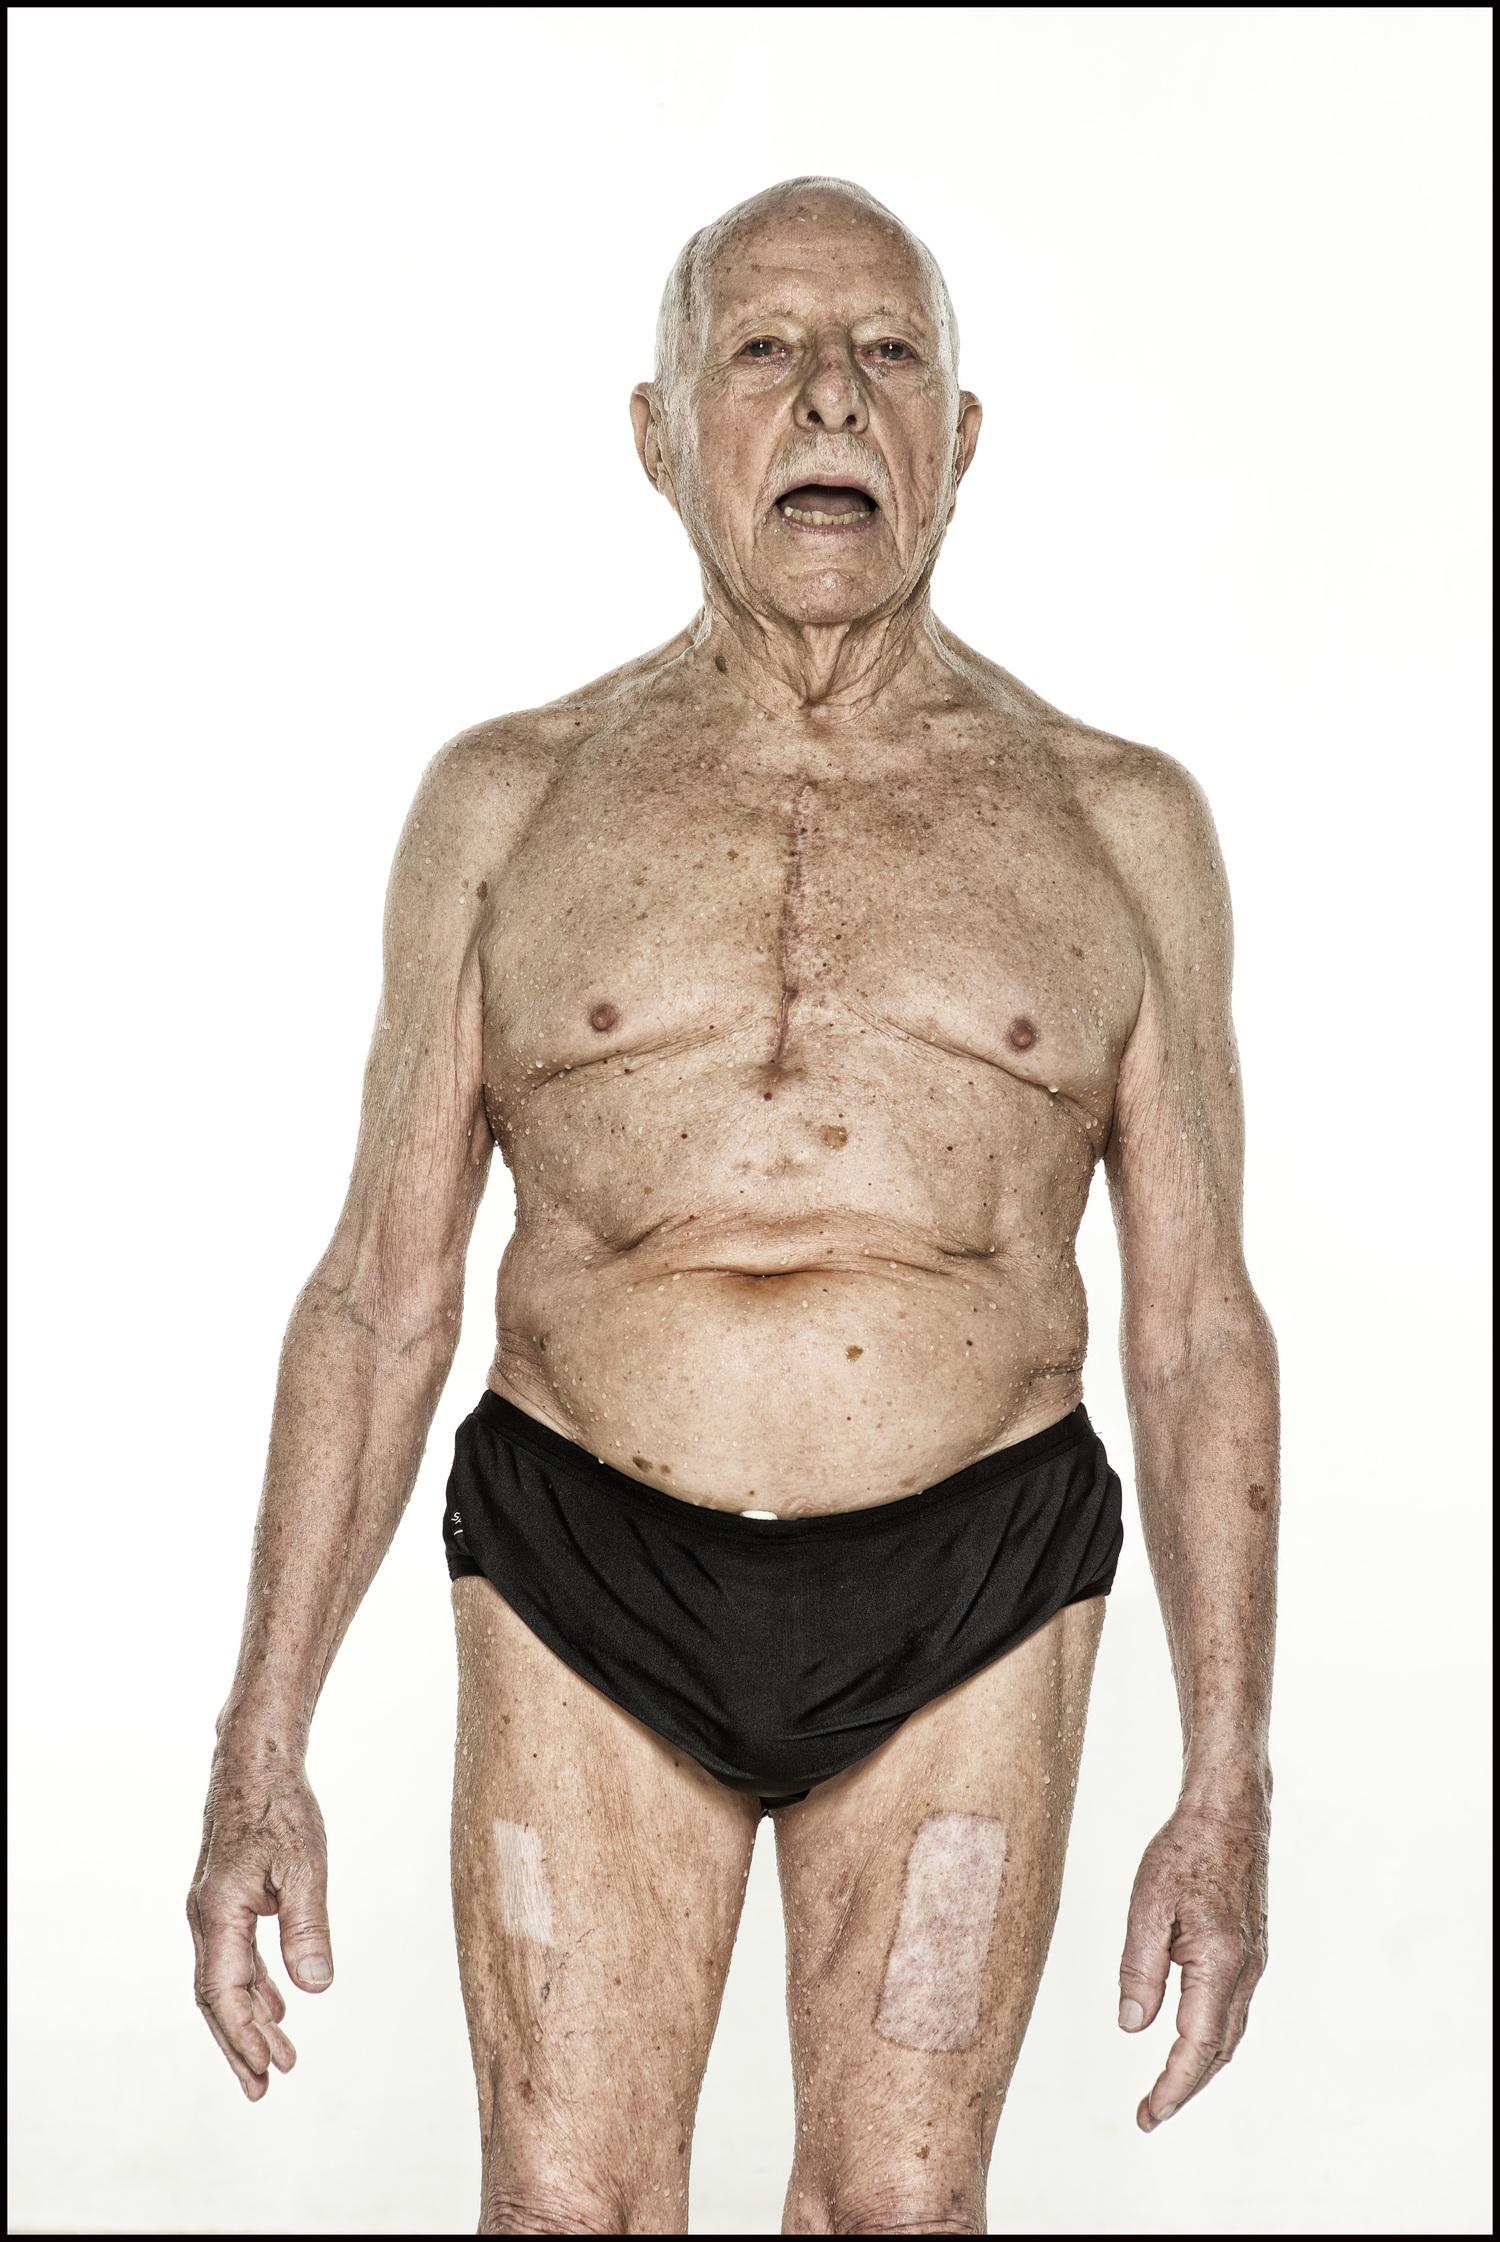 Larry+Judge,+Canada,+90+jaar.jpg